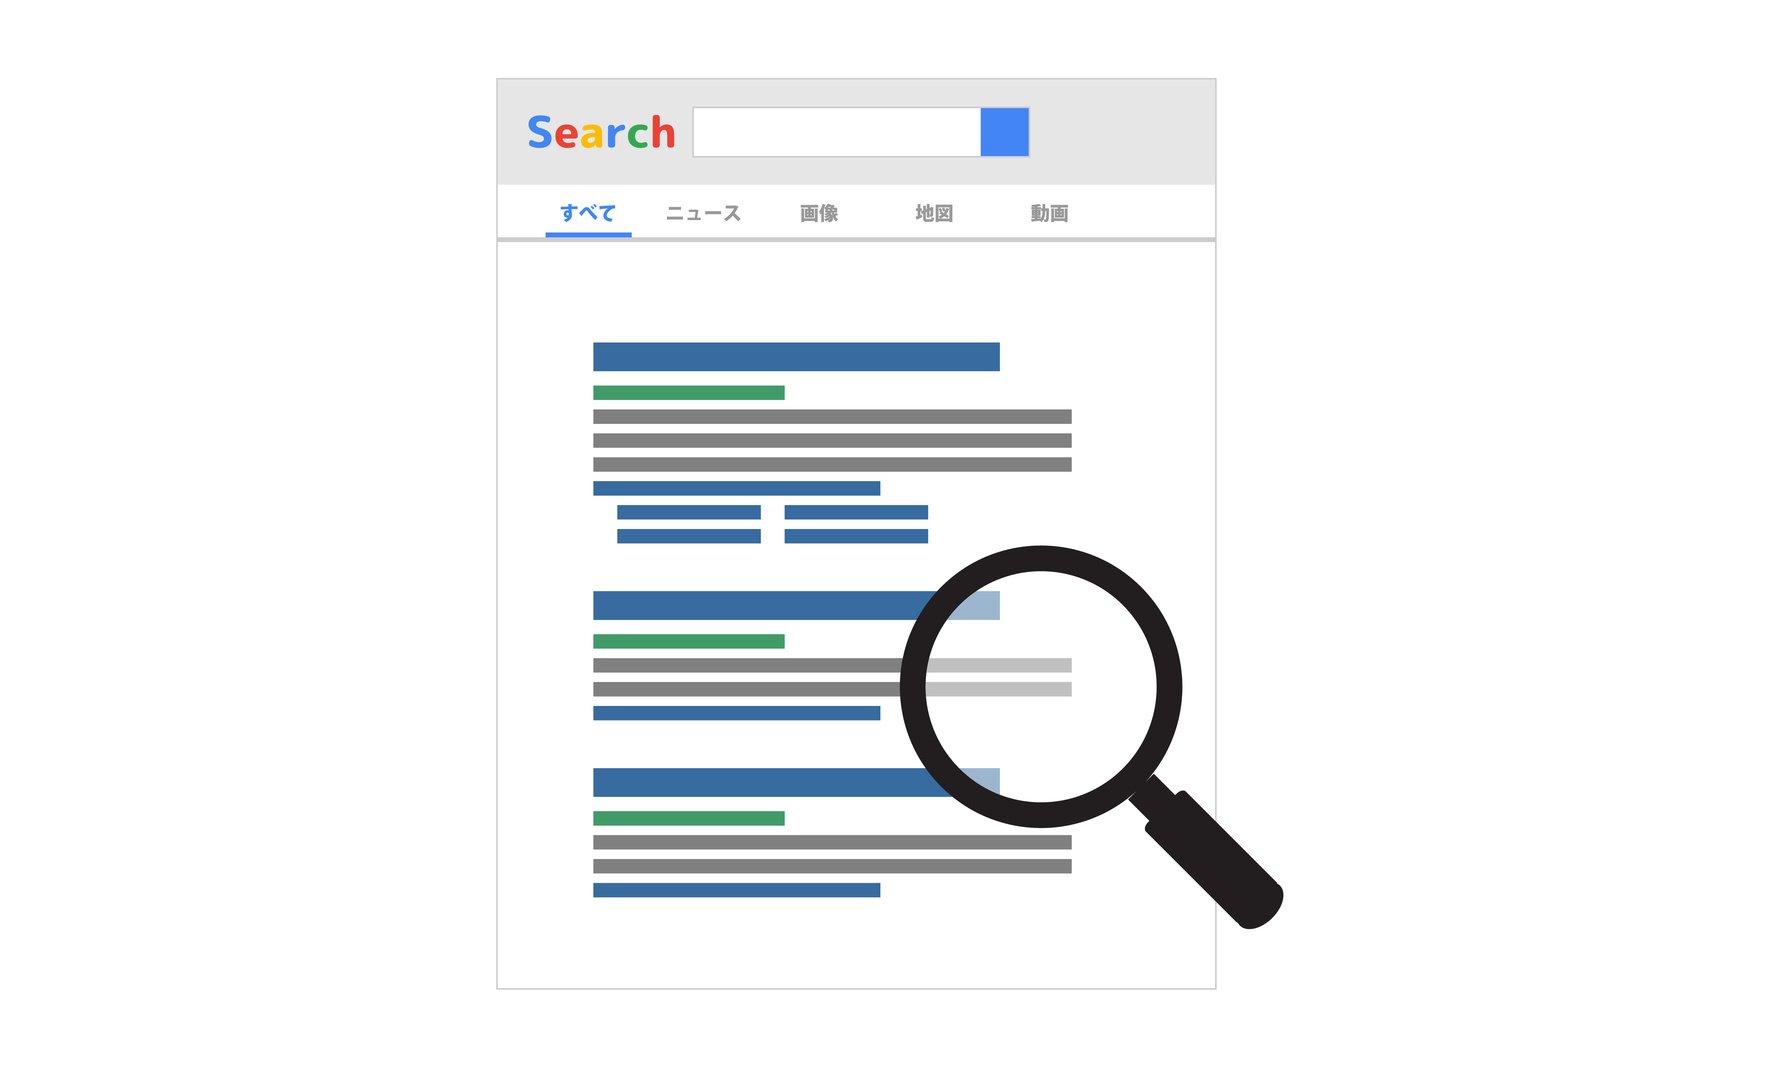 pozycjonowanie w google obrazek 1